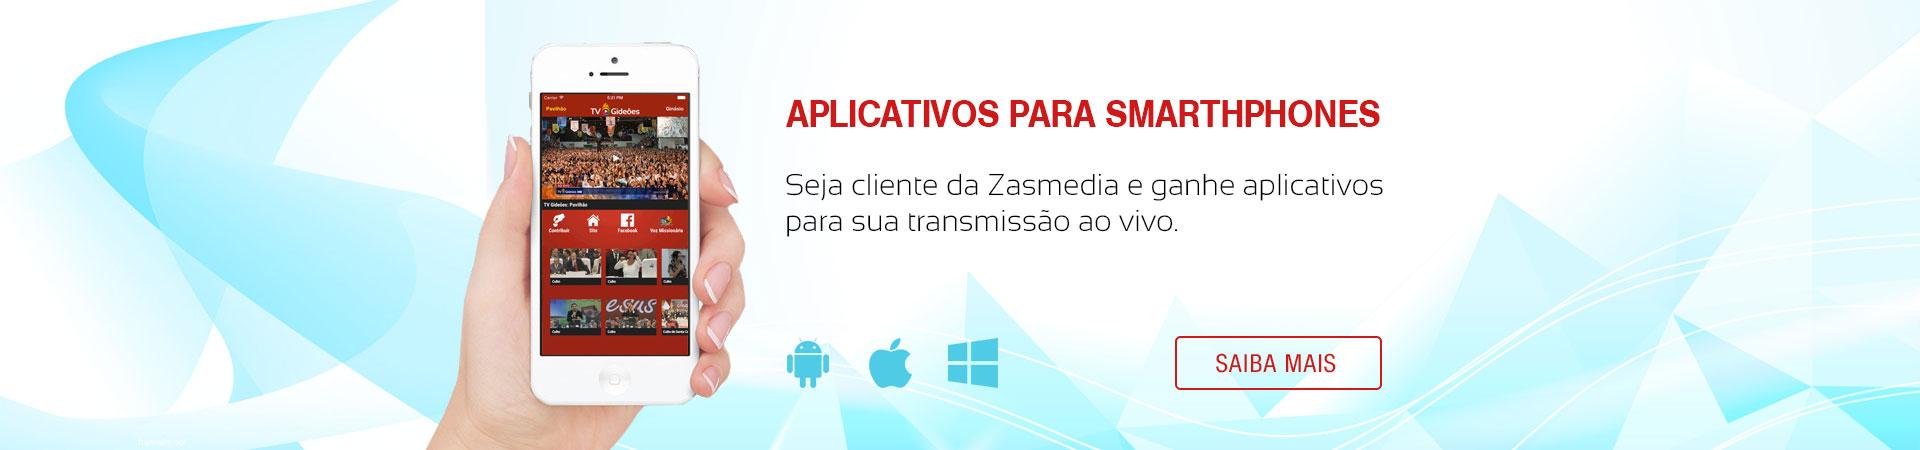 banner-aplicativos